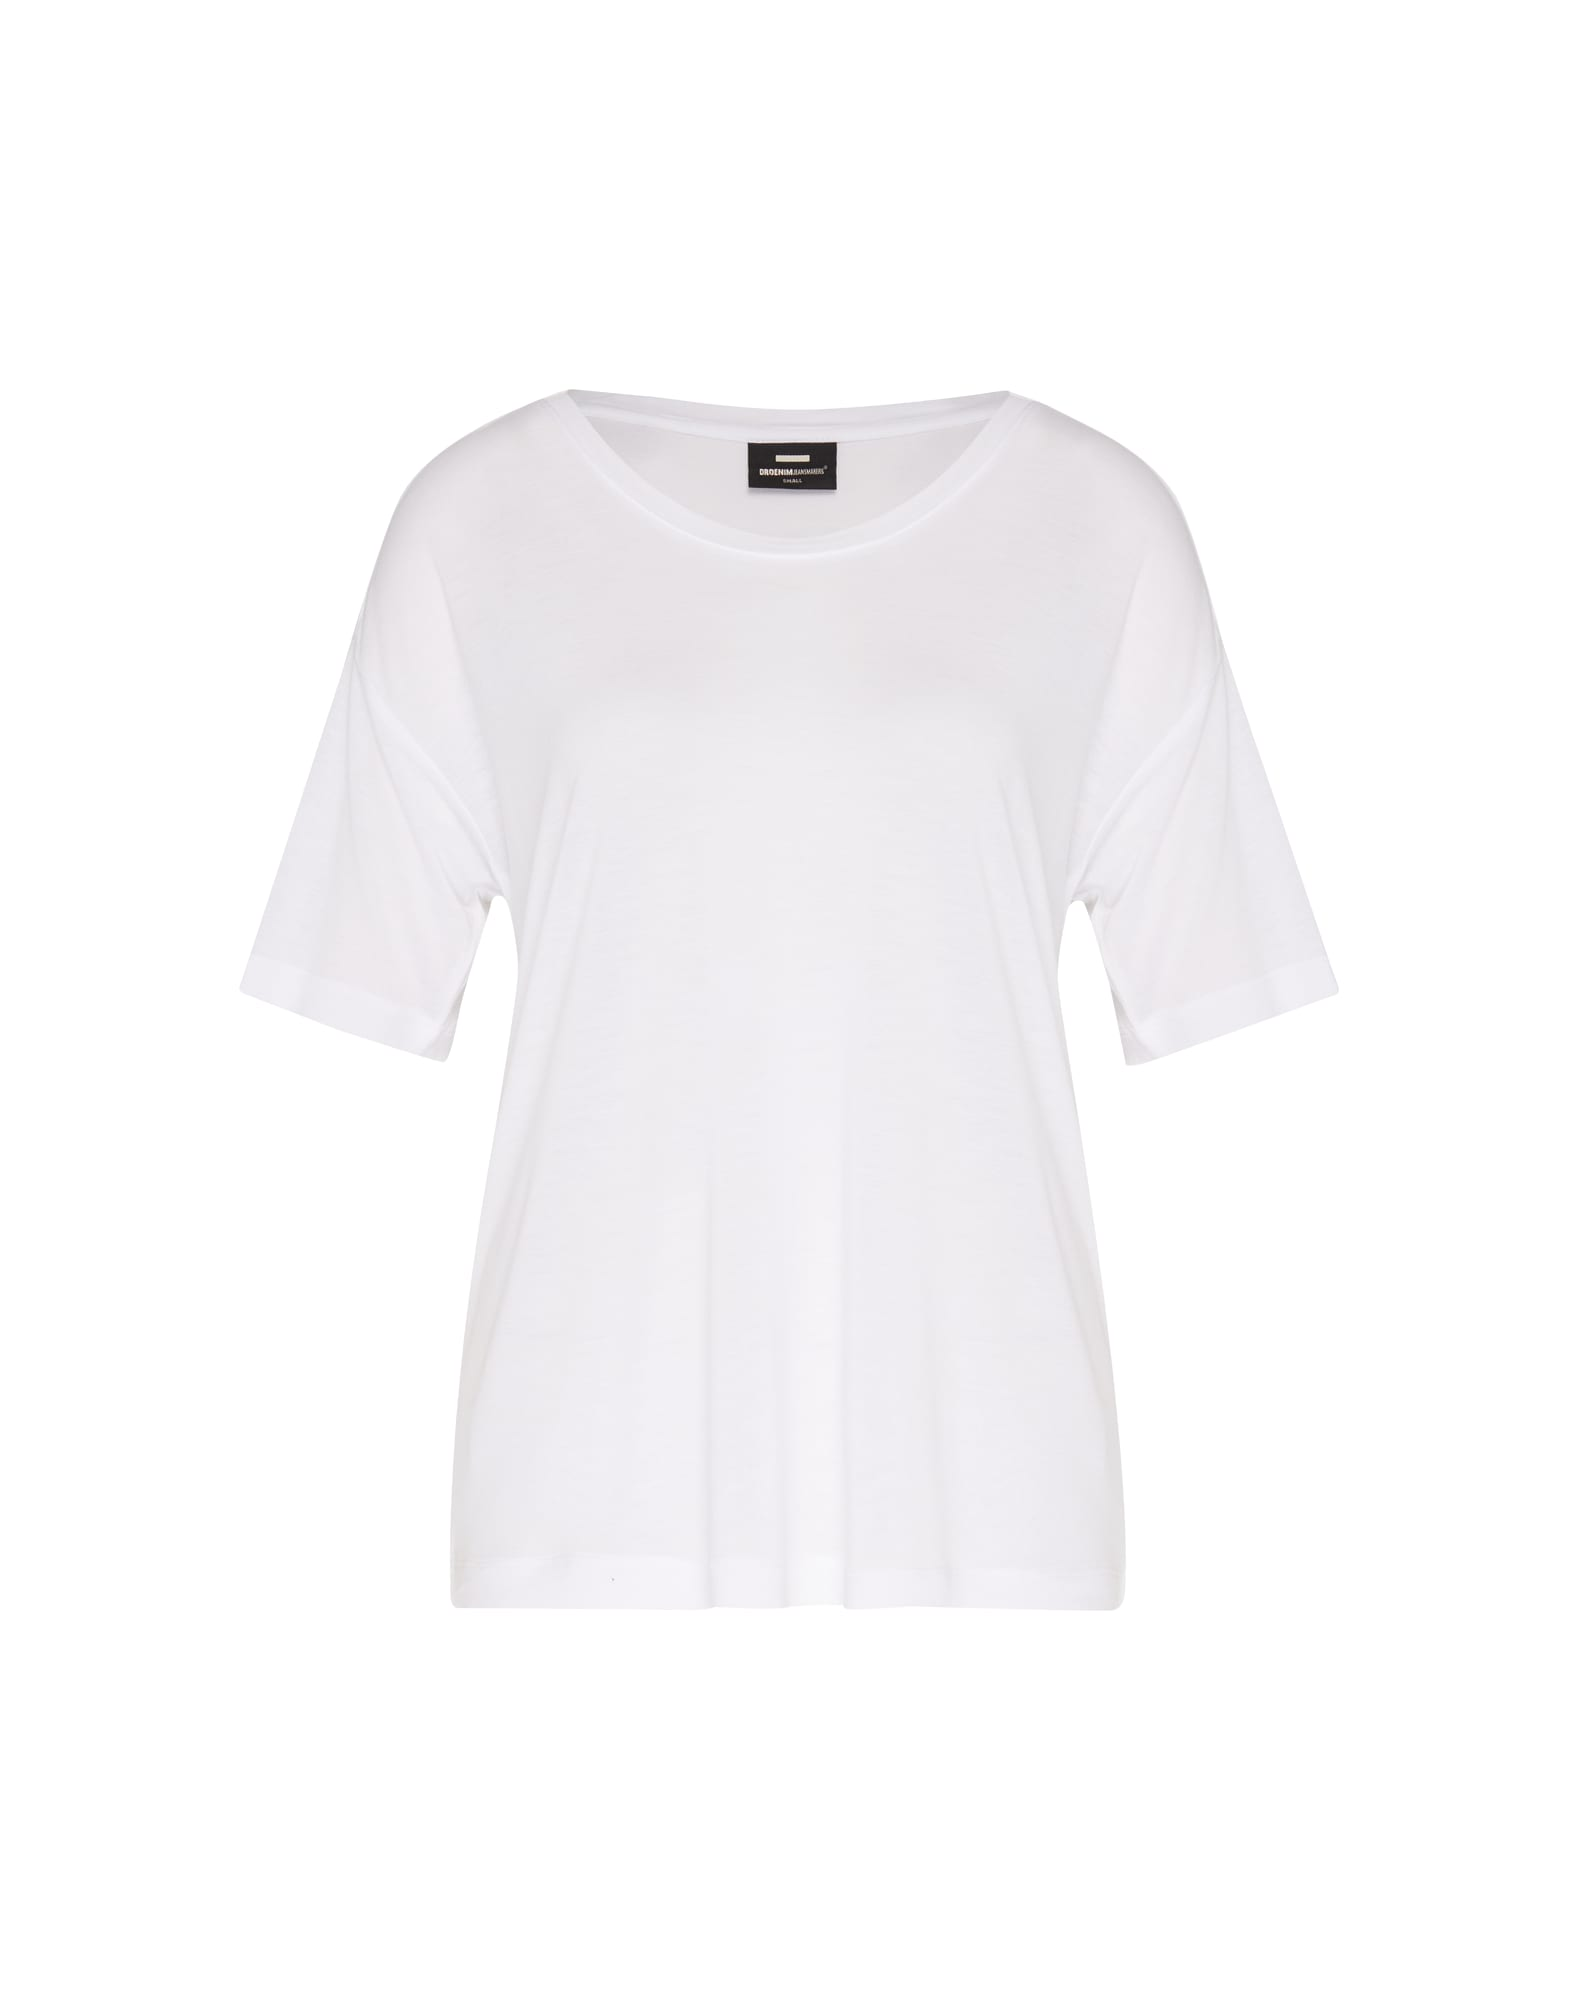 Oversized tričko Jackie bílá Dr. Denim